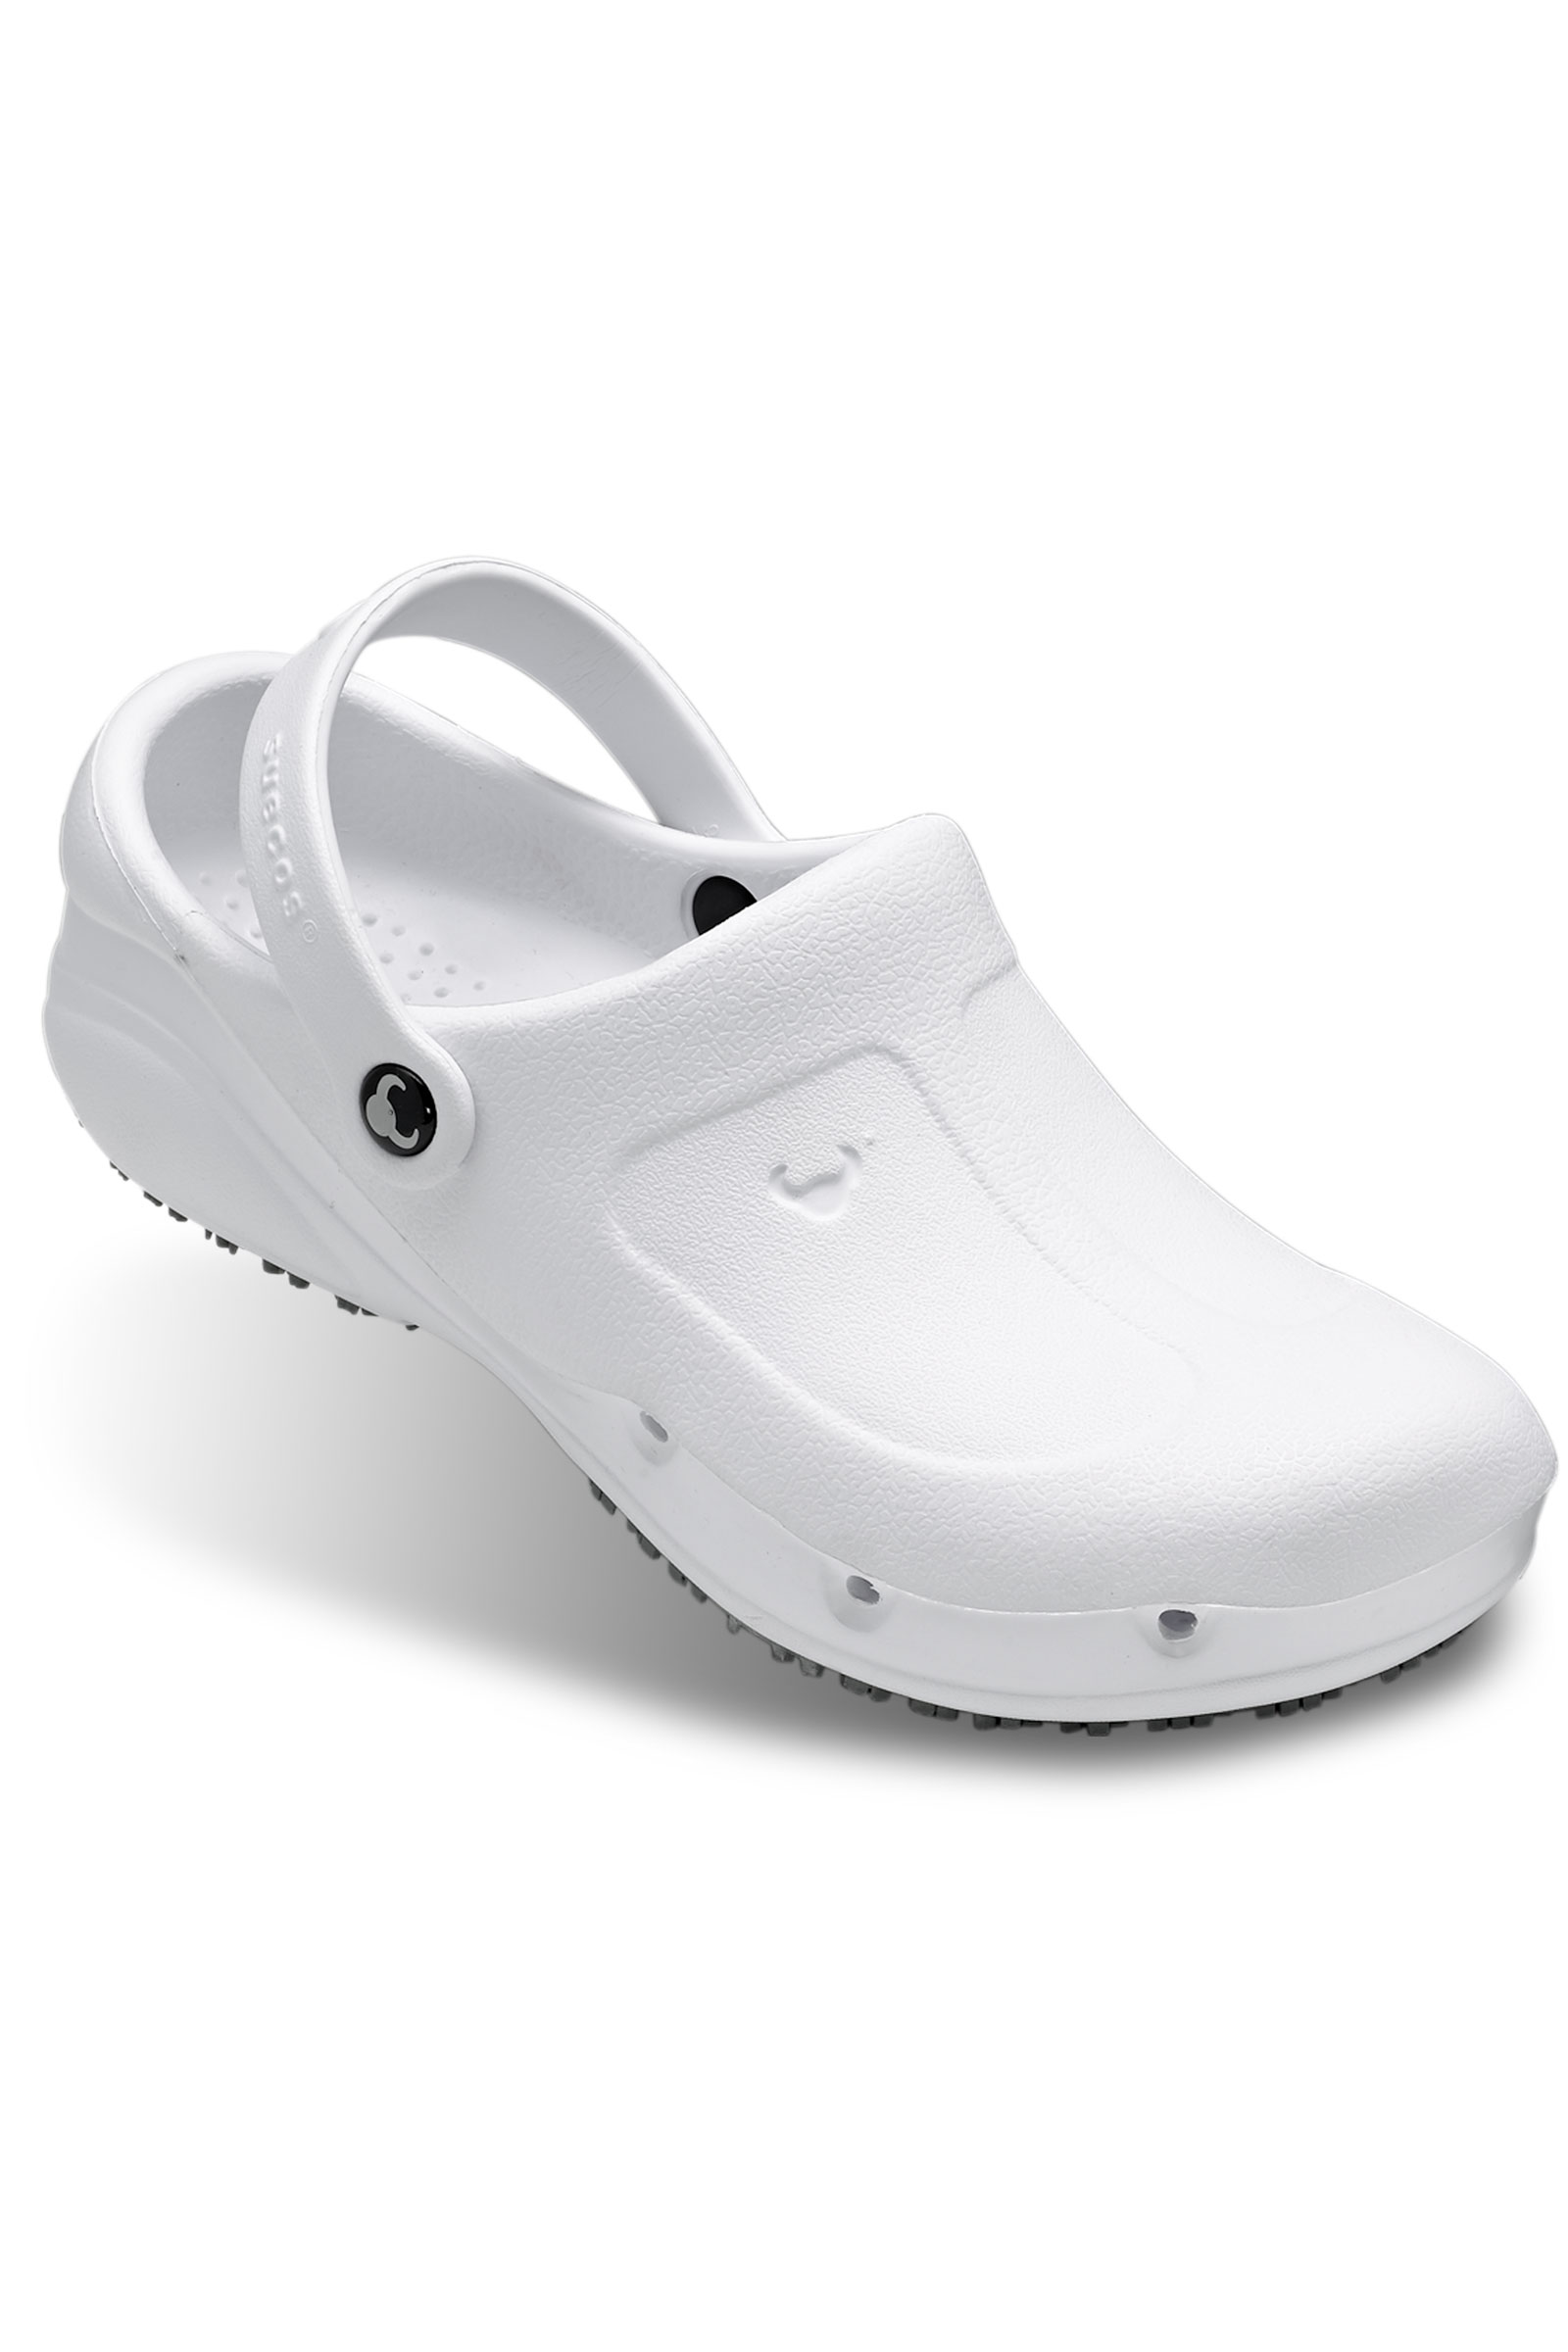 CROCS Zdravotnická obuv Crocs 03 Černá 36